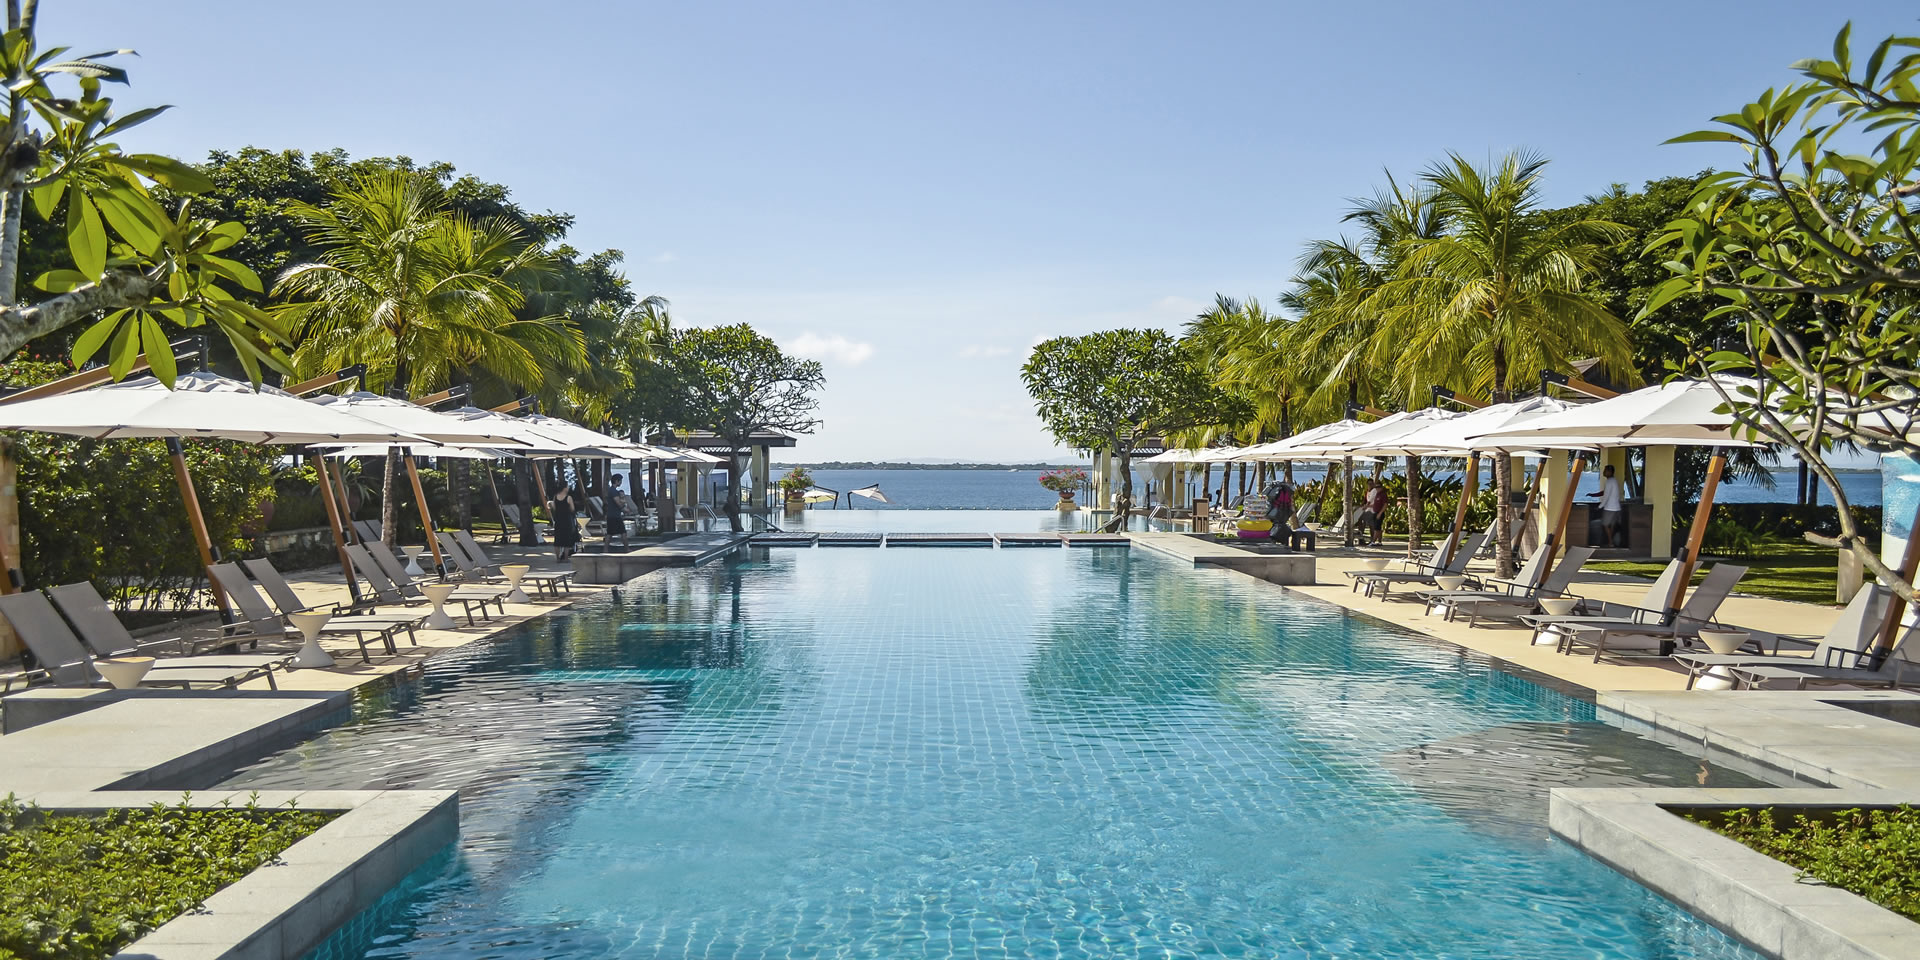 crimson resort mactan pool